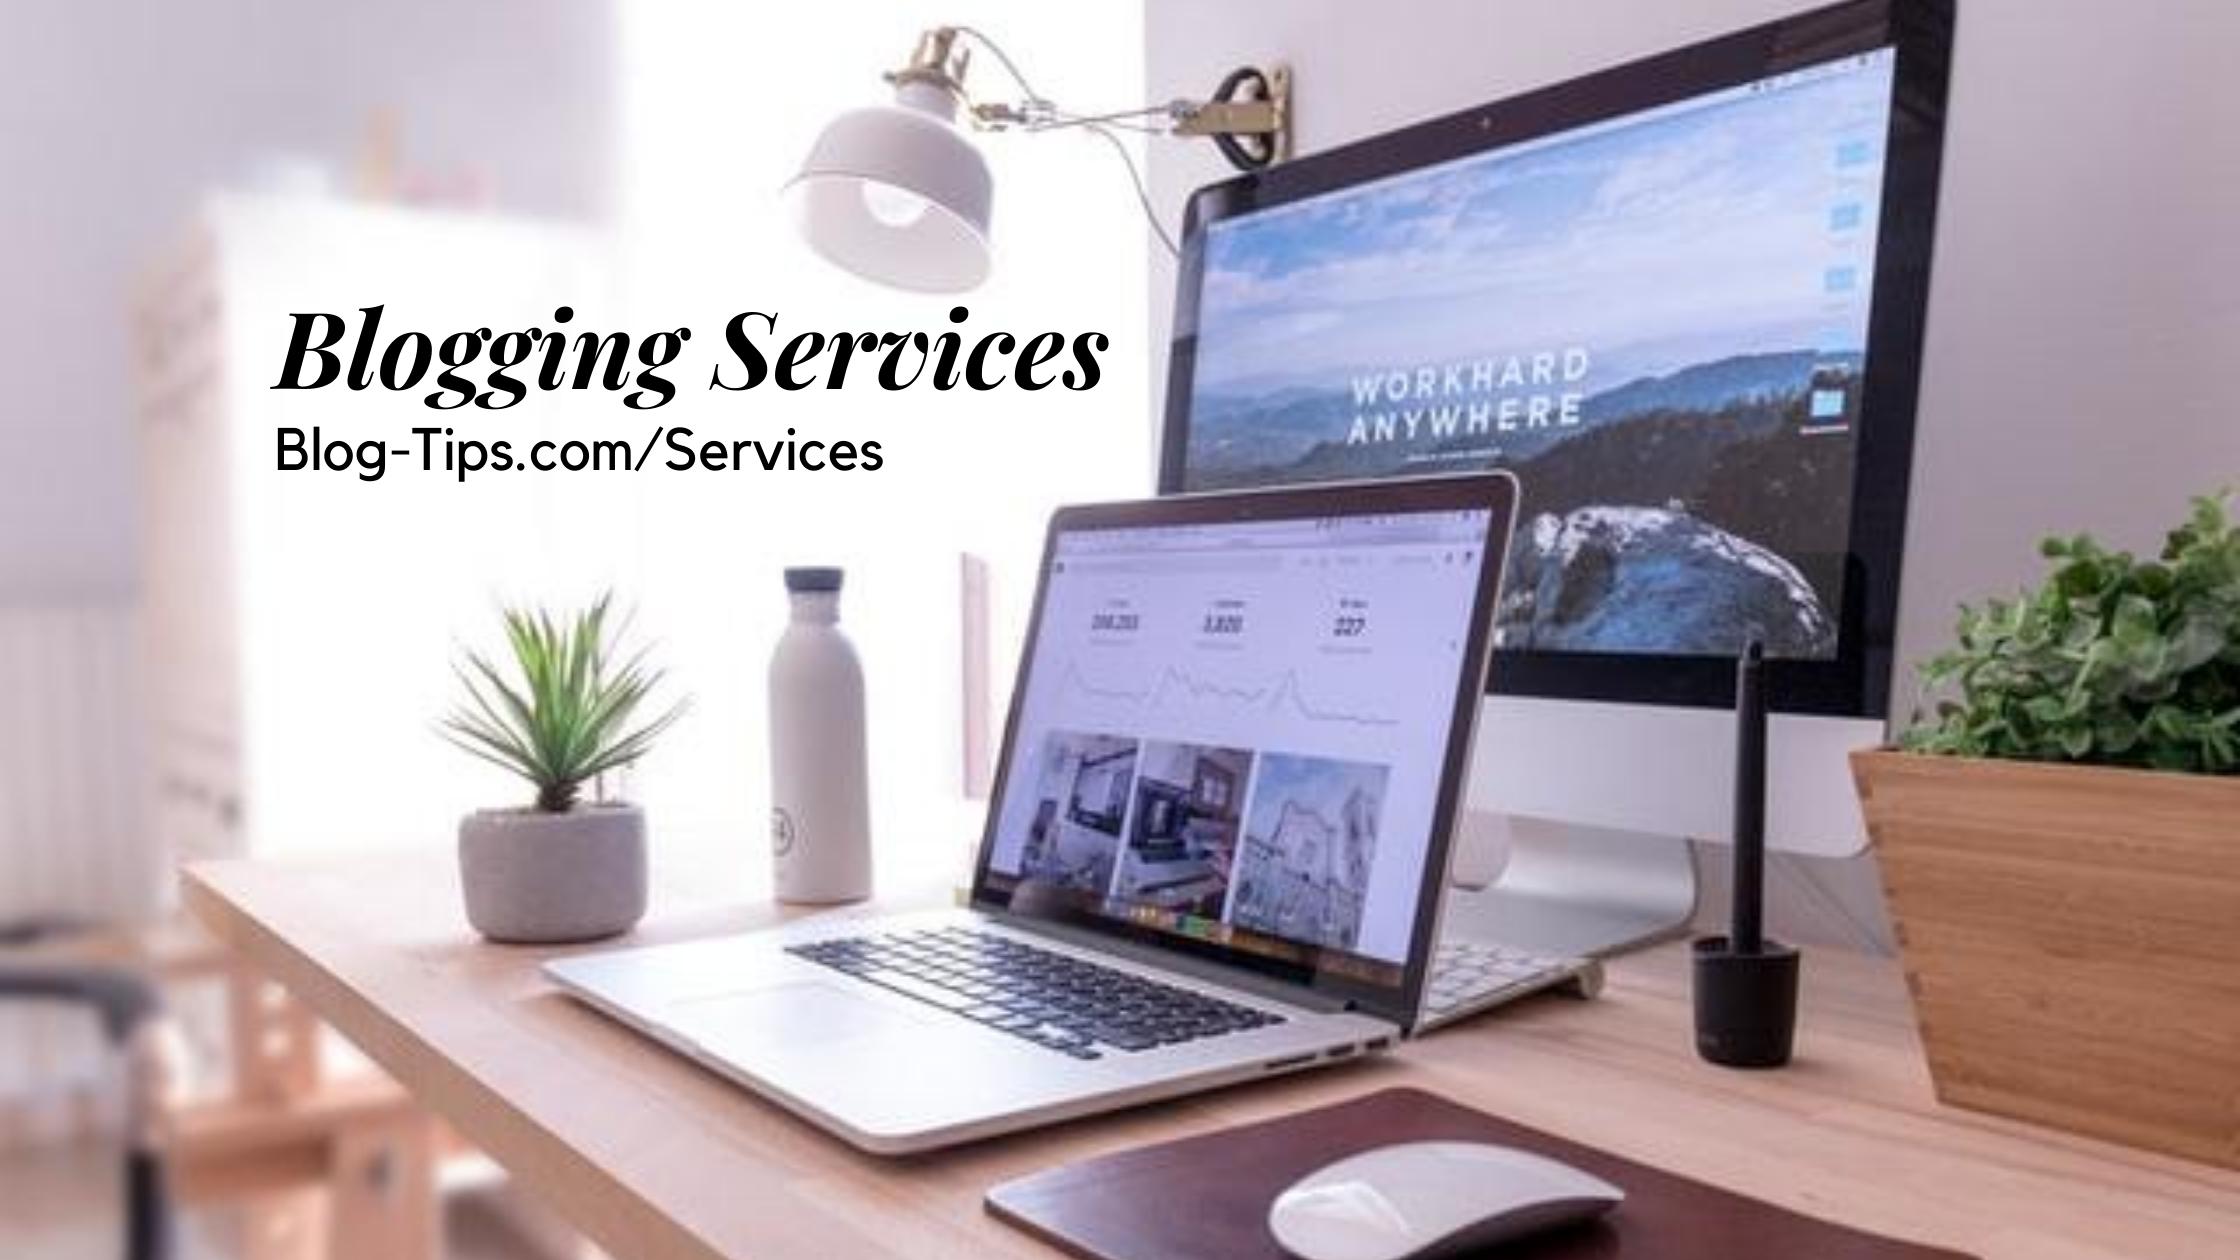 Guest Post + Back Link To Relevant Website! (Blogging)